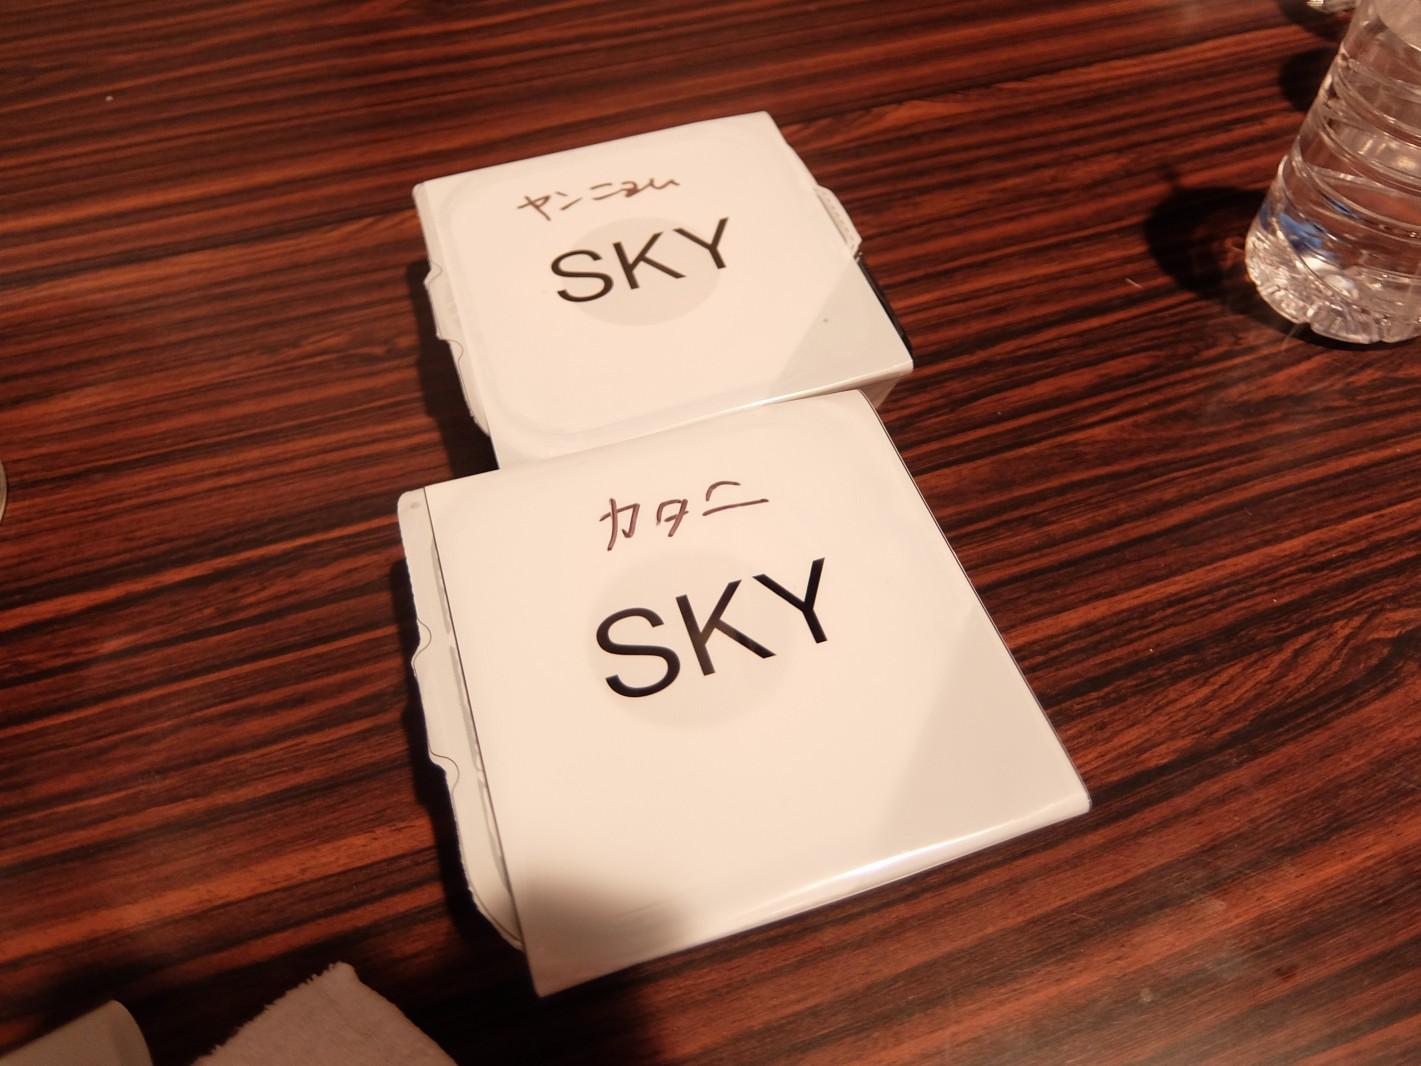 謎の商品「SKY」とは?! 水前寺清子情報館で冷凍食品最新トレンド